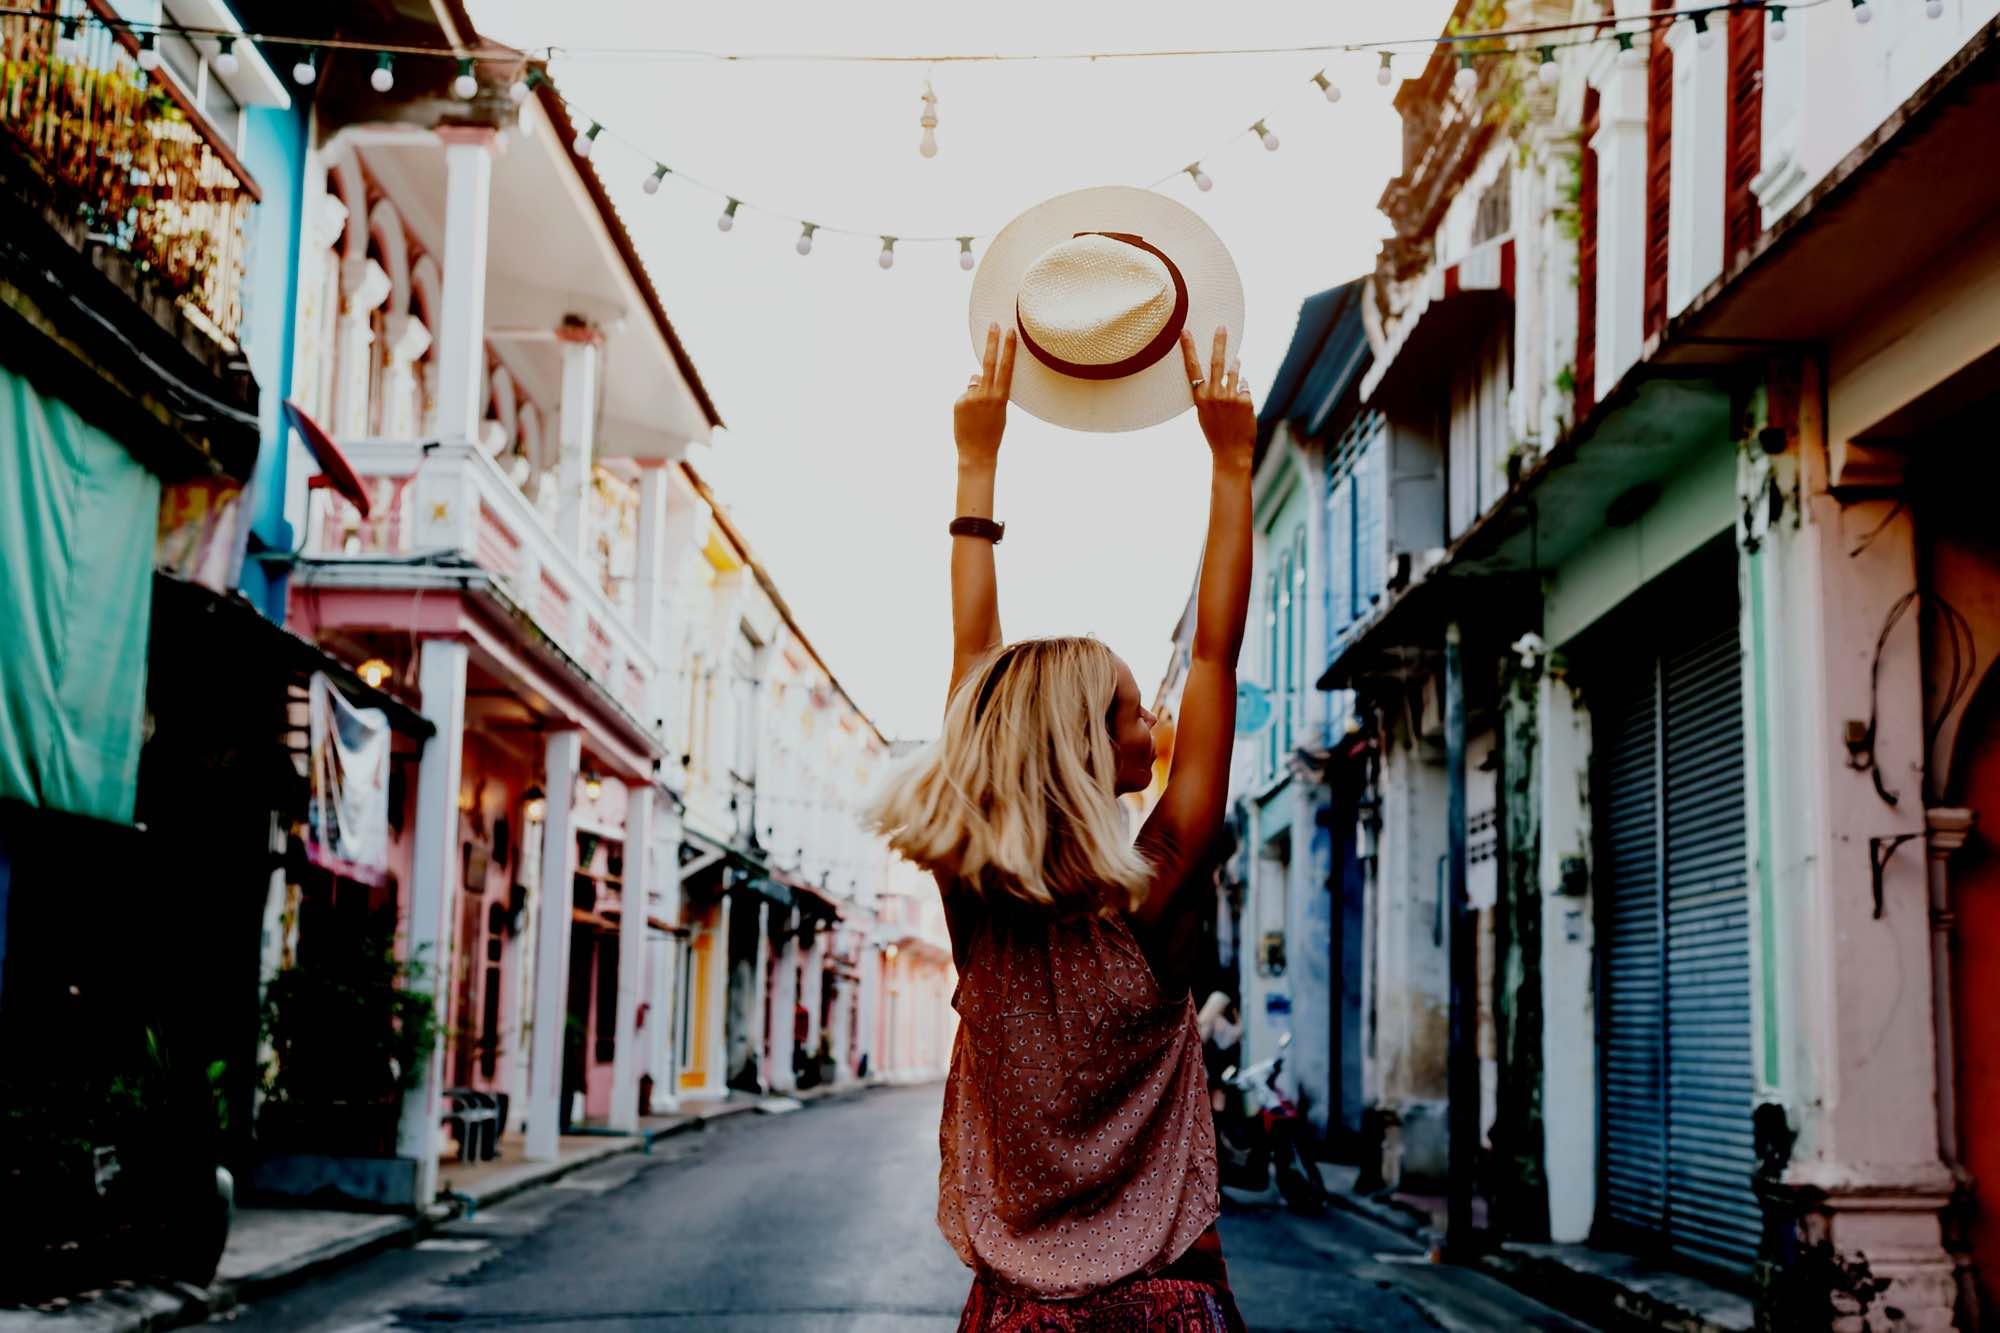 Best Expat Getaways in Asia